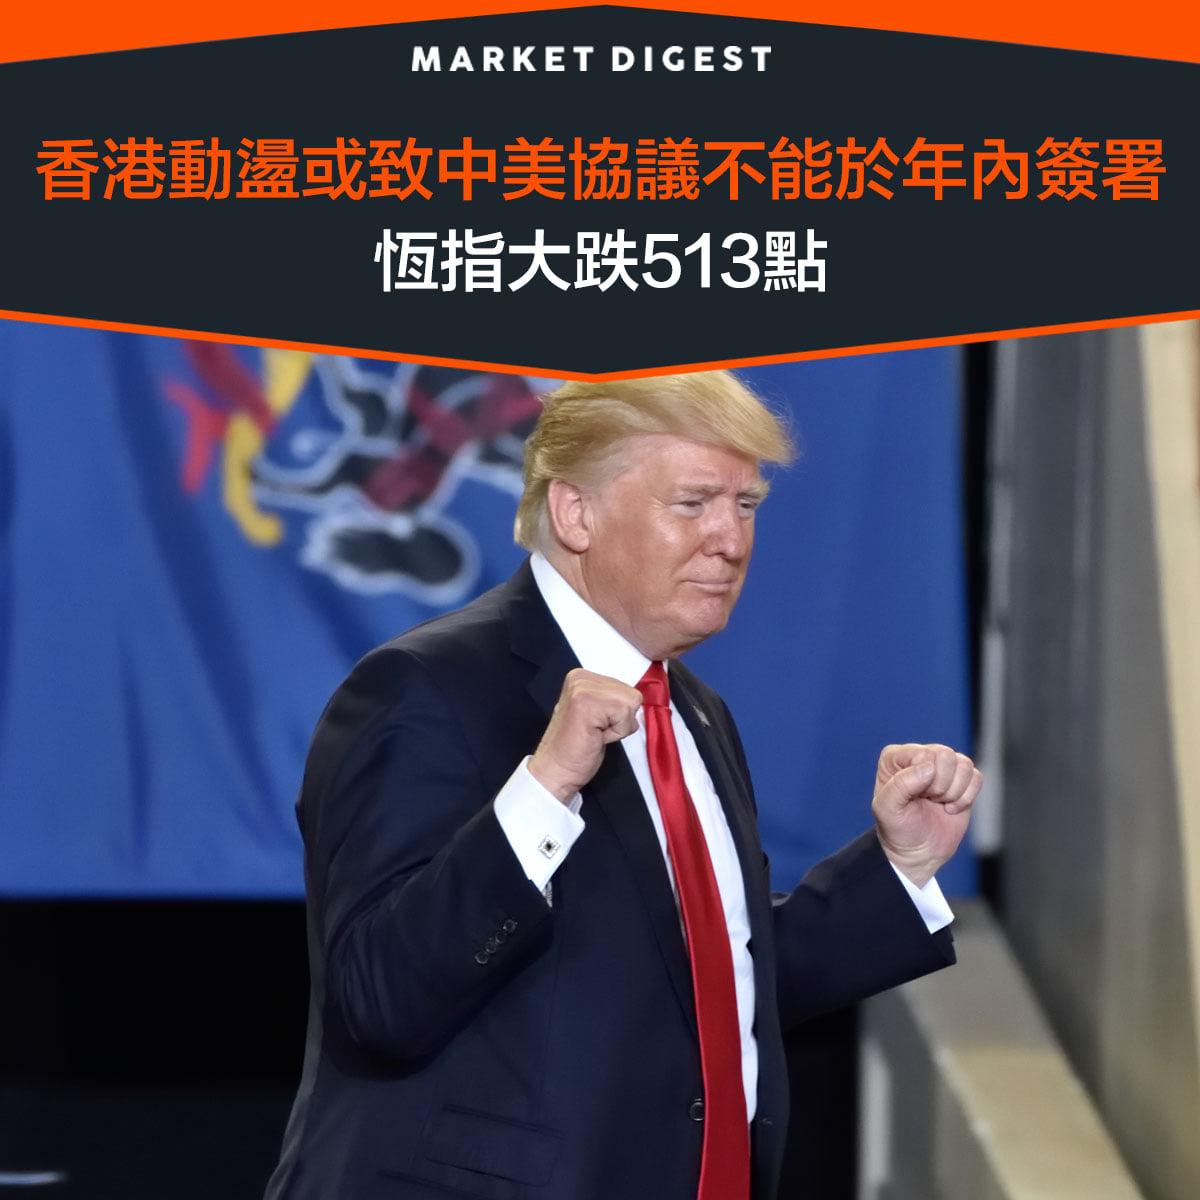 【中美貿易戰】香港動盪或致中美協議不能於年內簽署,恆指大跌513點